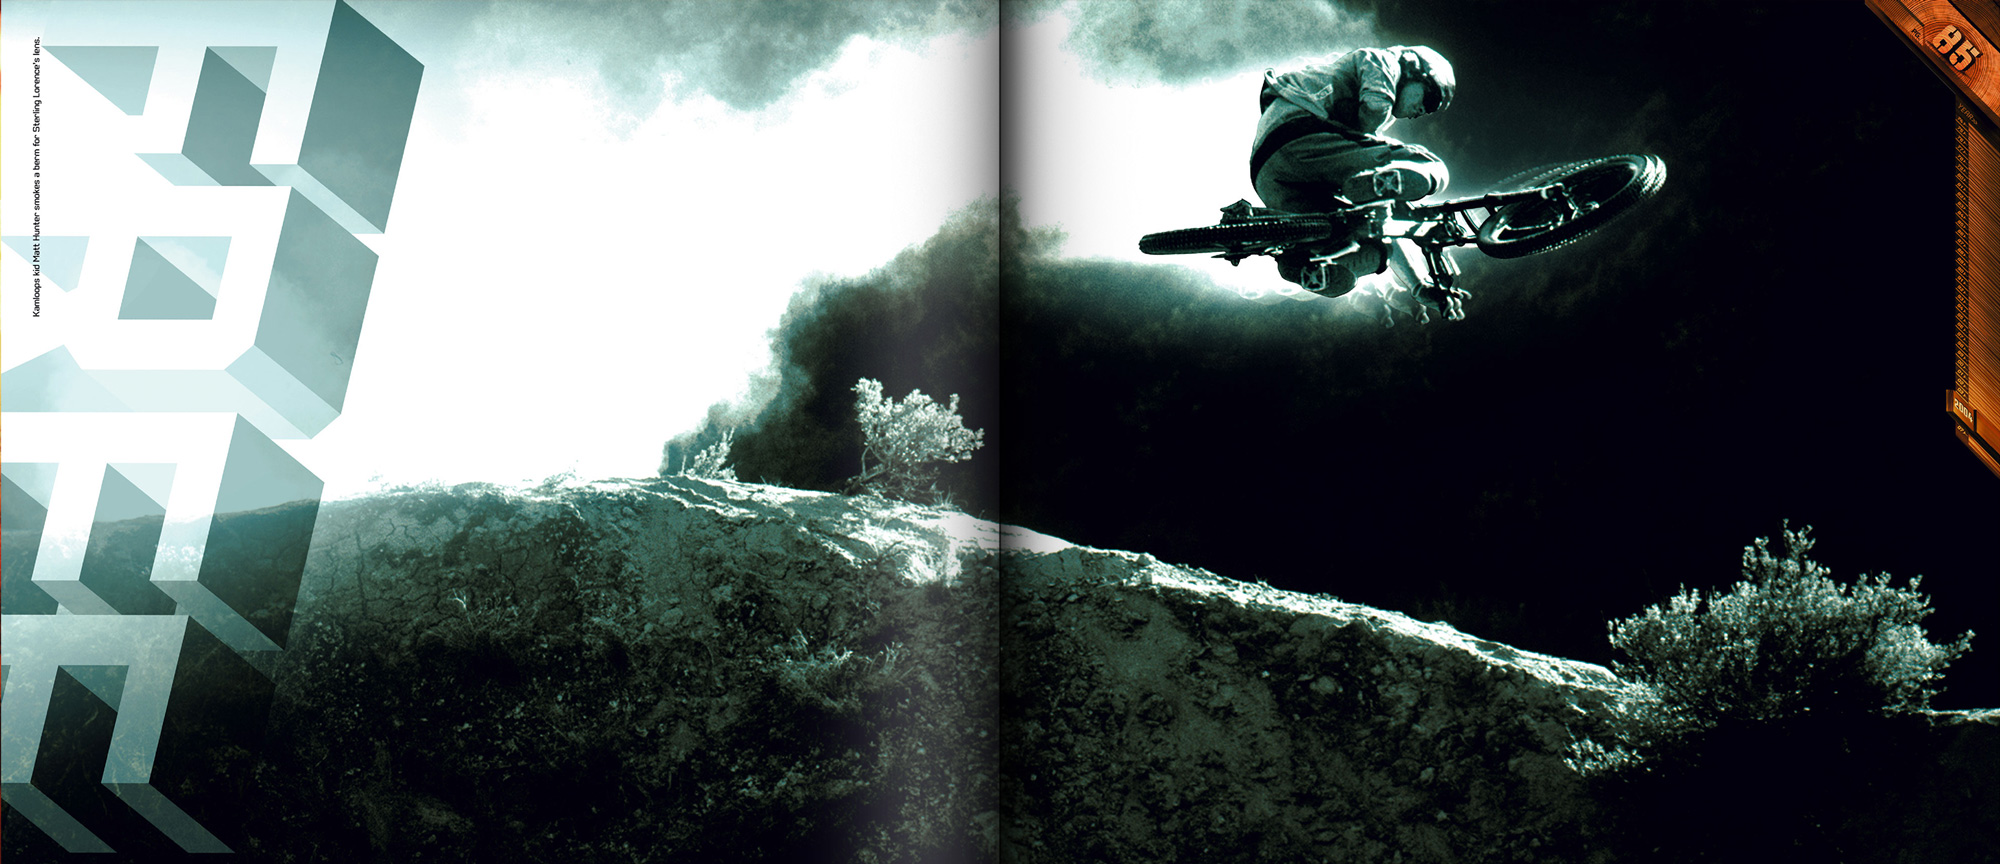 Stunt jumper anniversary book depicting bike jump